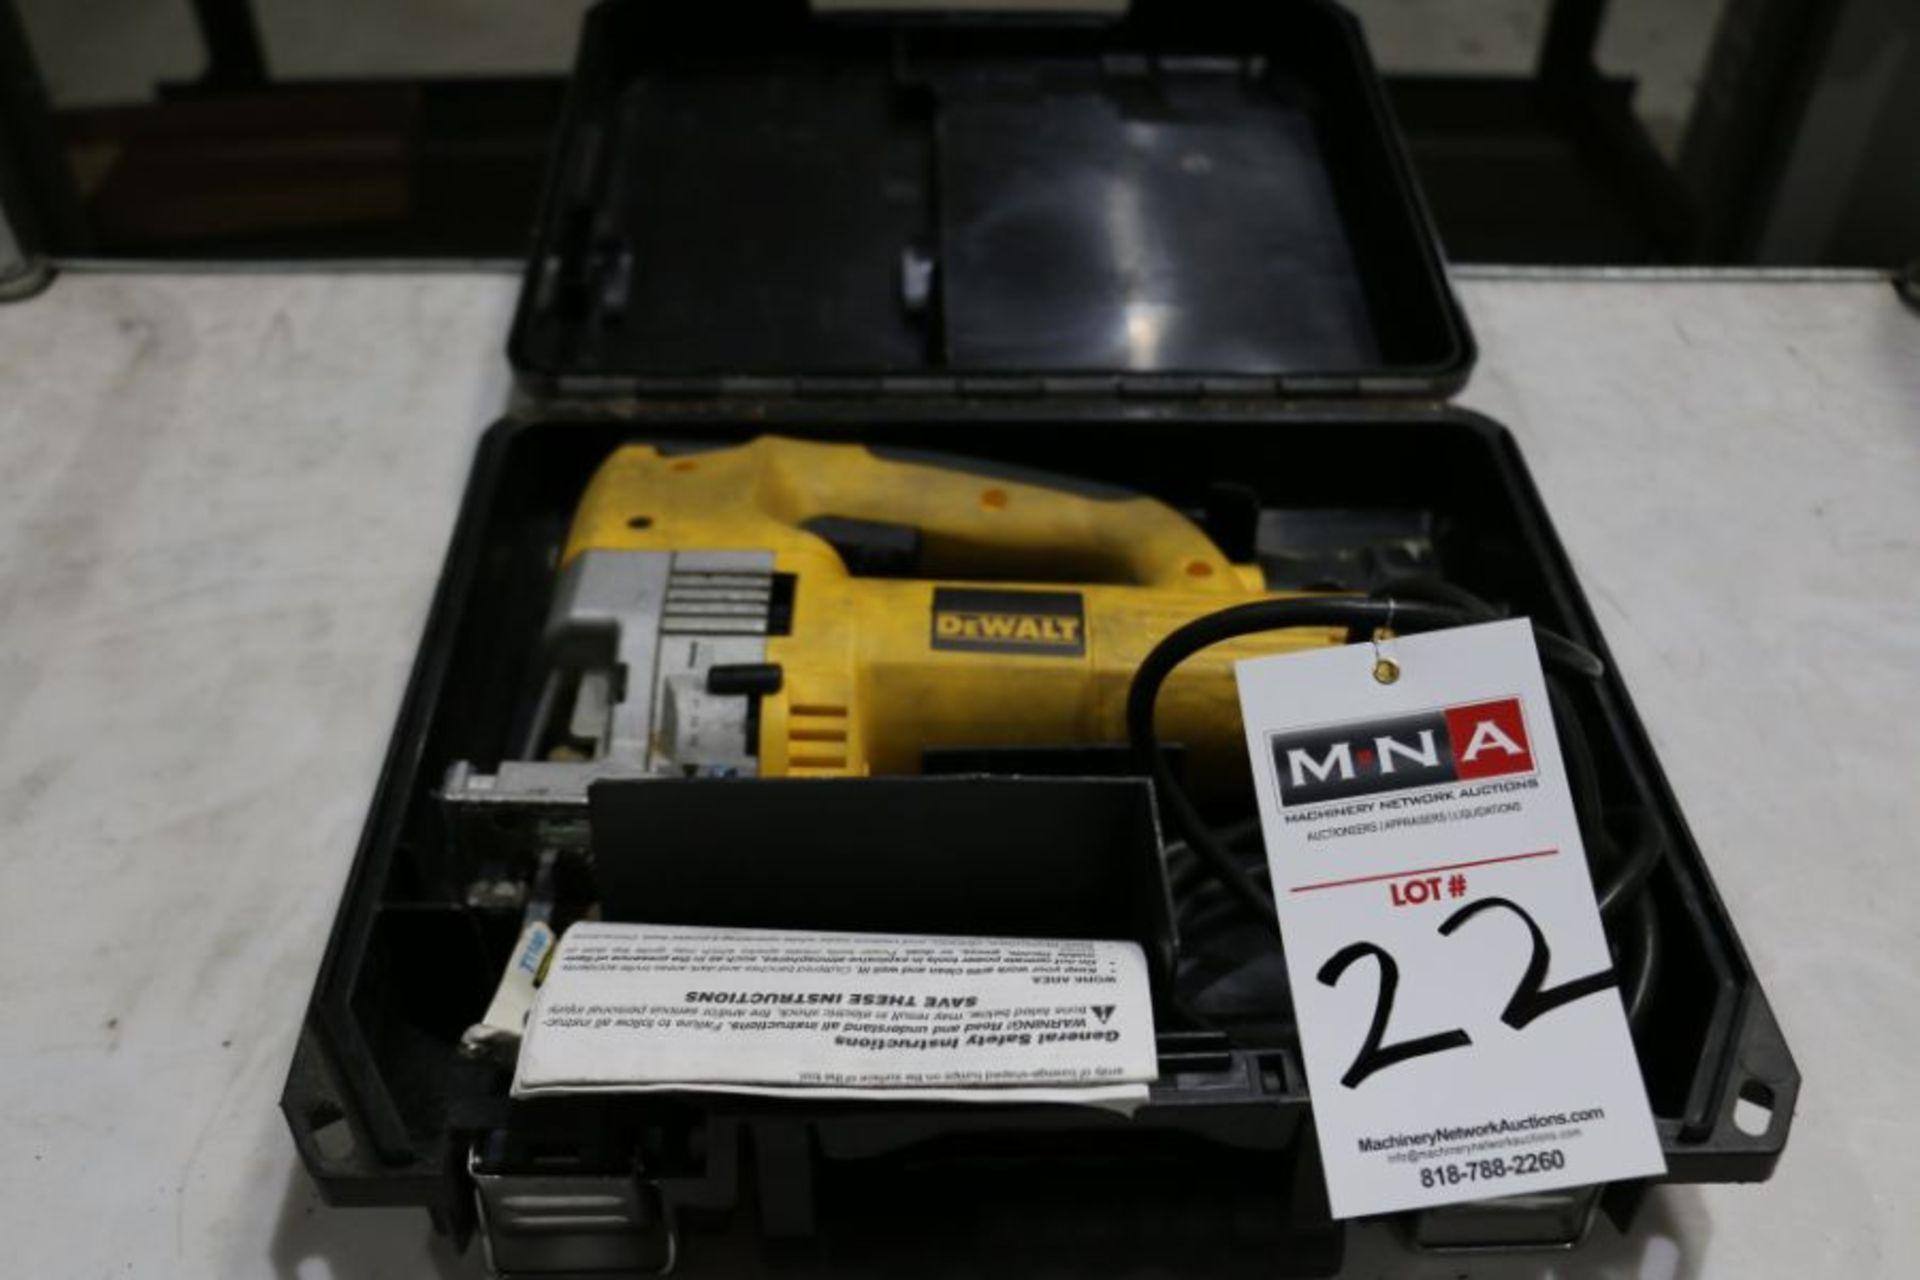 Dewalt DW321 Variable Speed 60mm Jig Saw - Image 2 of 4